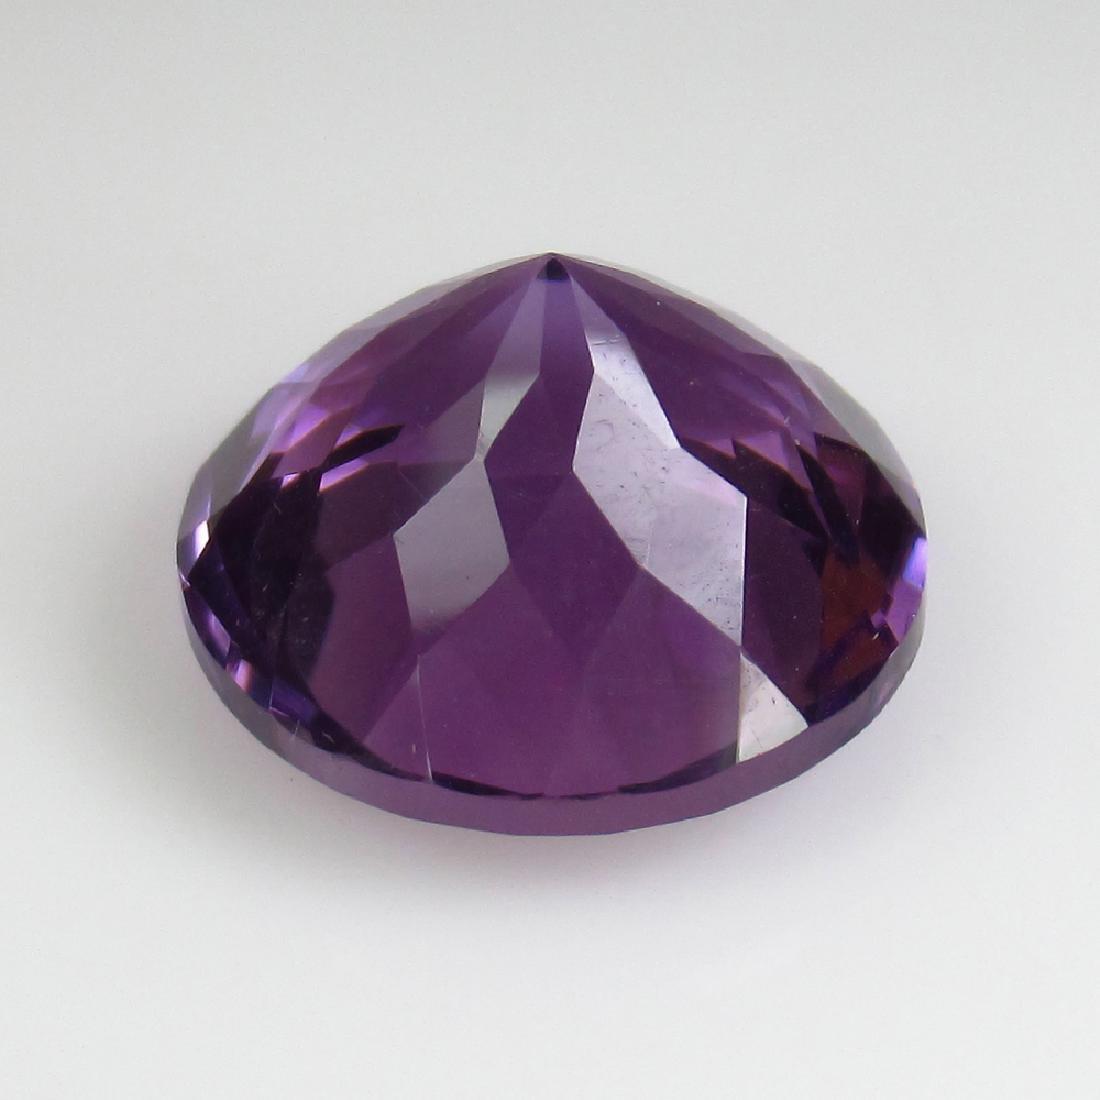 9.70 Ct Genuine Purple Amethyst 14 mm Round Cut - 2